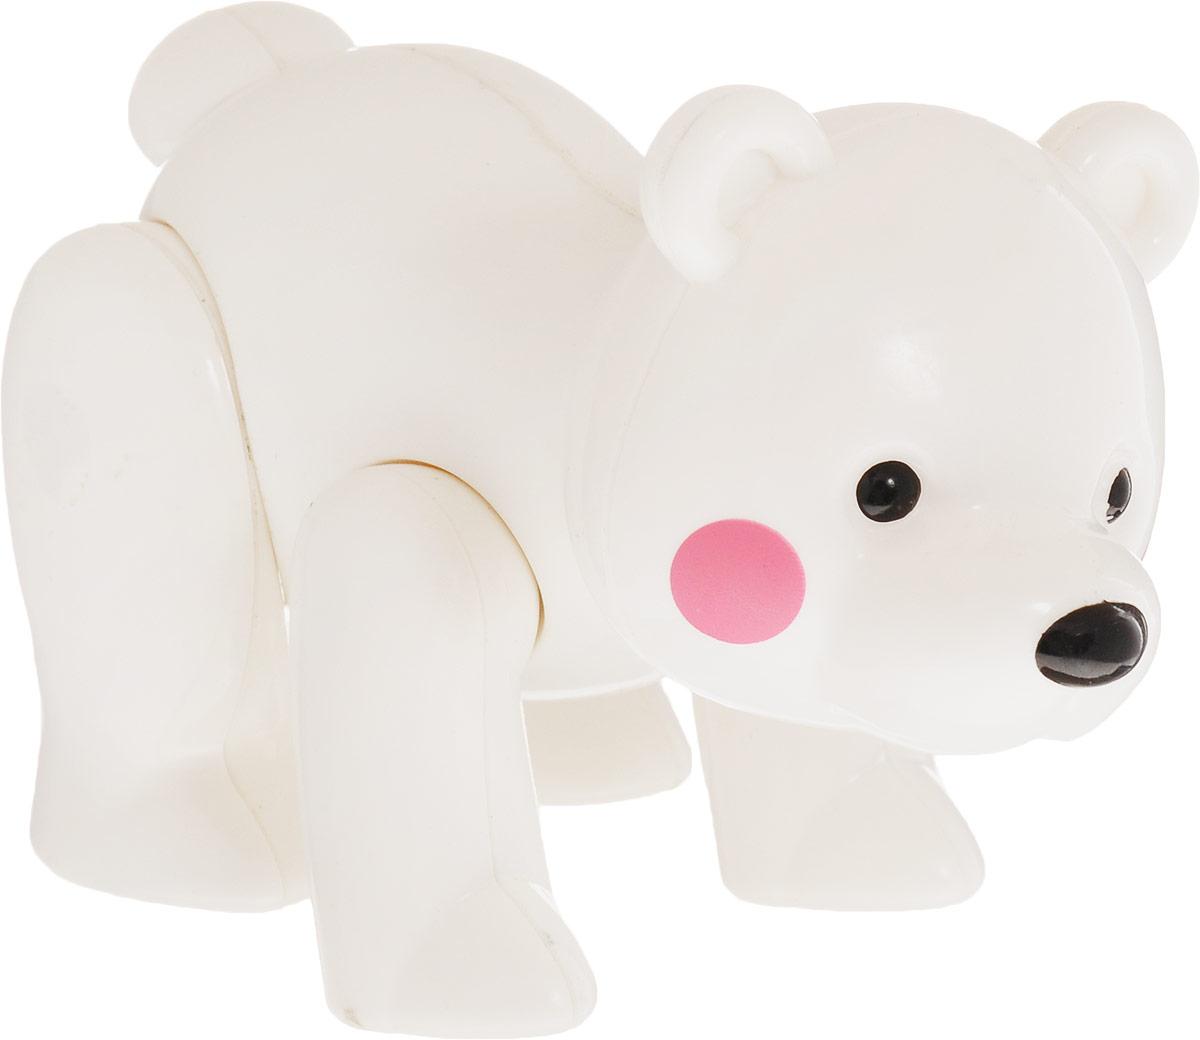 Ути-Пути Развивающая игрушка Медведь цвет белый